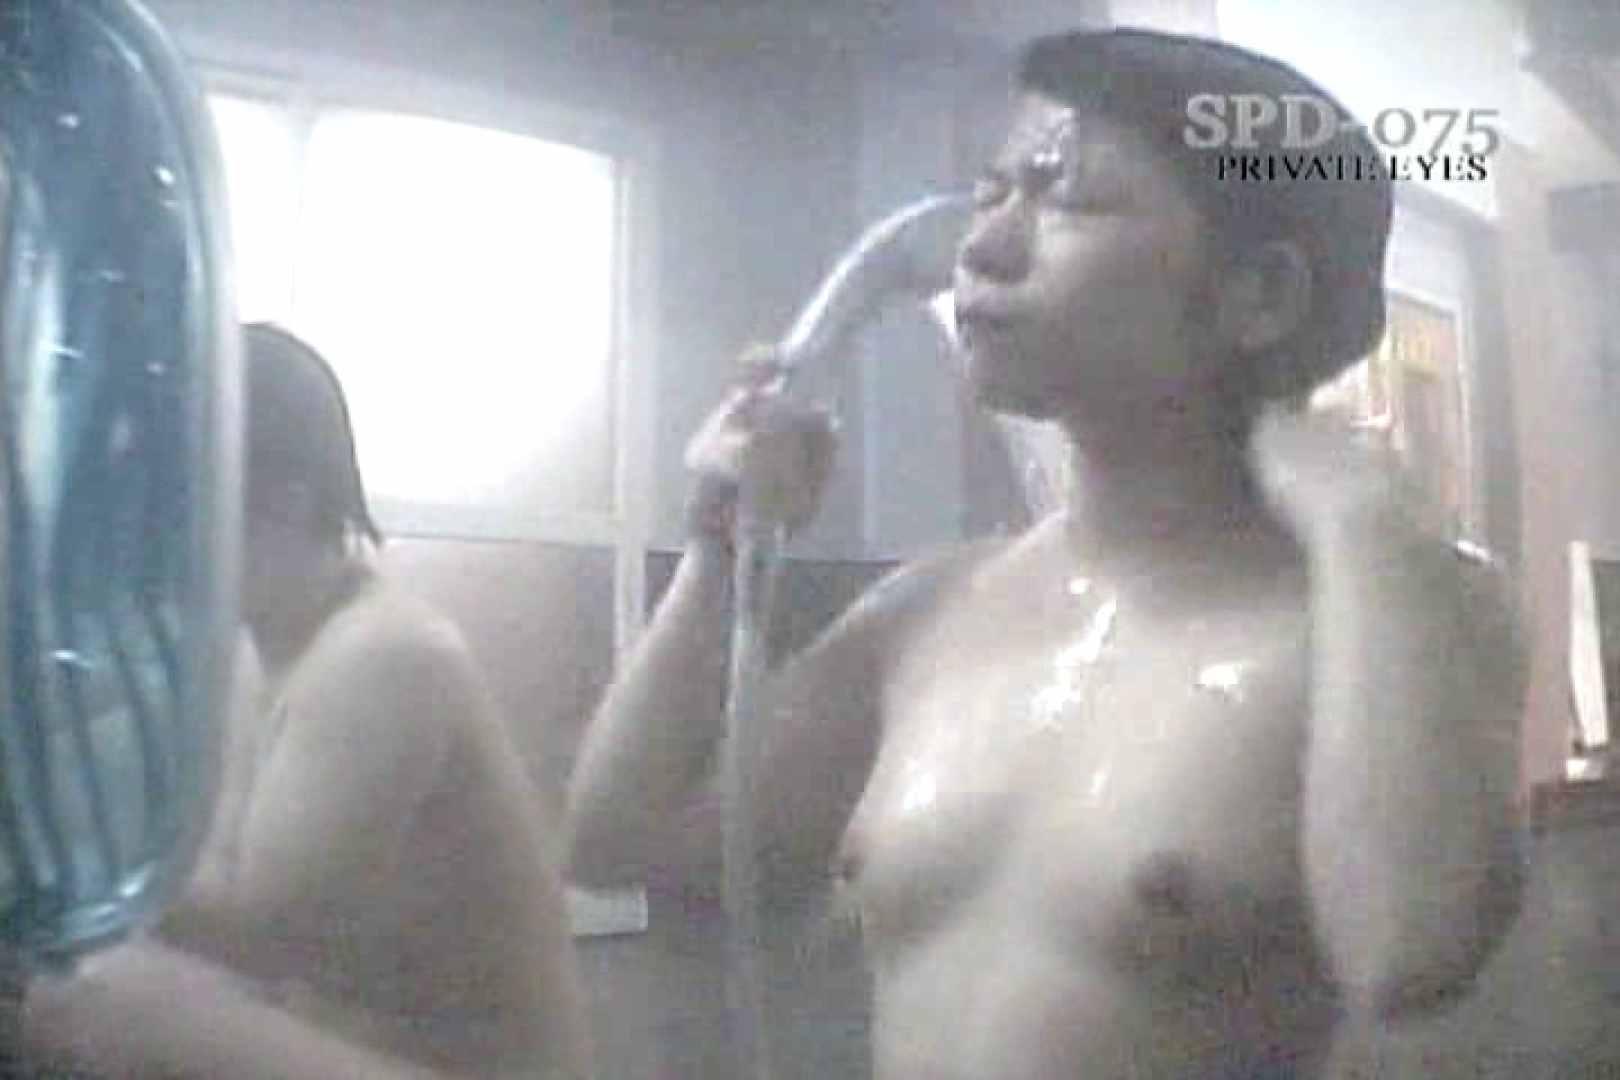 高画質版!SPD-075 脱衣所から洗面所まで 9カメ追跡盗撮 プライベート すけべAV動画紹介 37連発 6